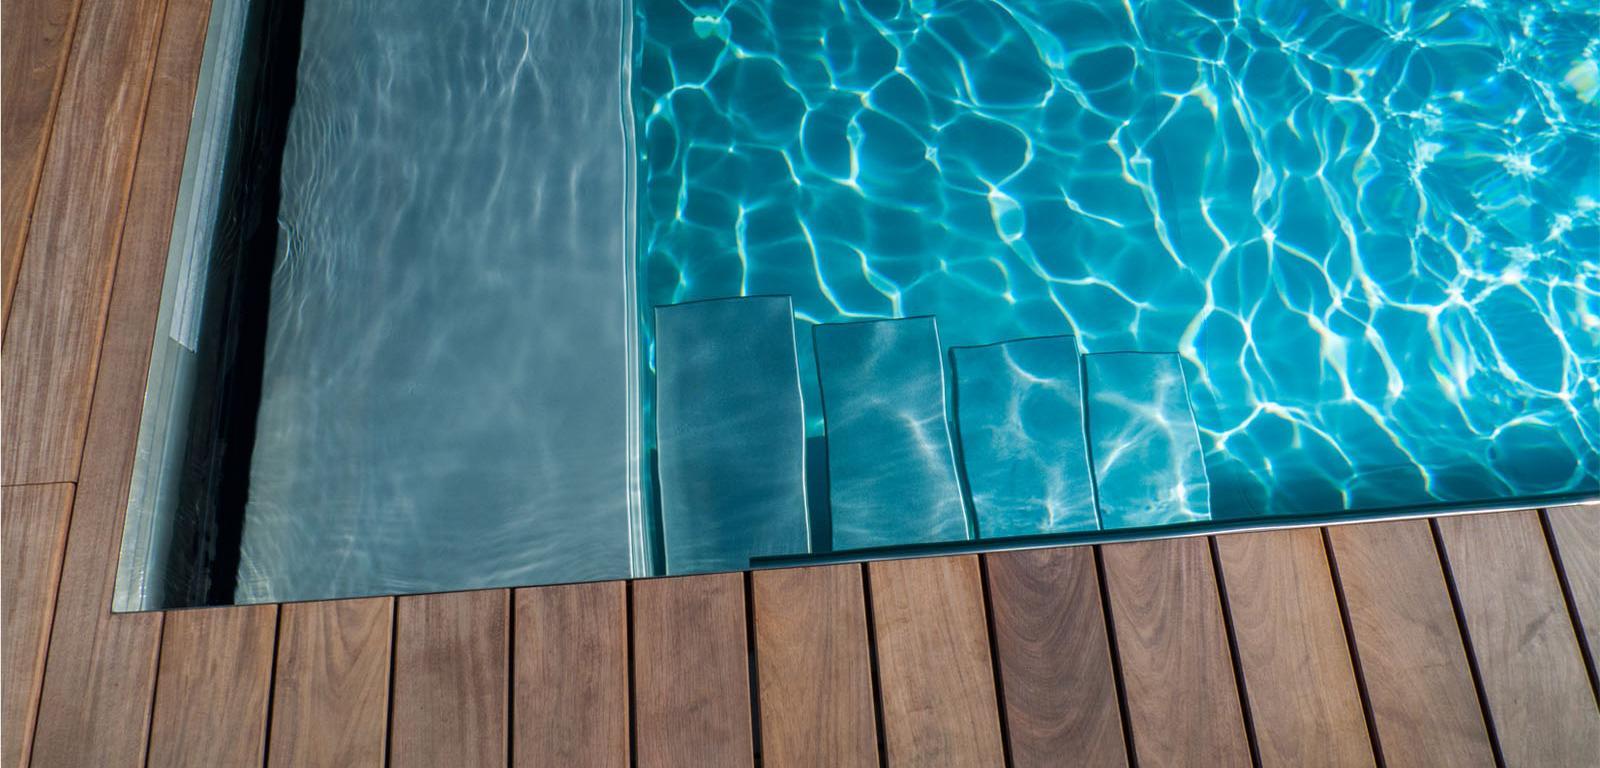 Piscine En Inox Steel And Style votre piscine en acier inoxydable ou piscine inox